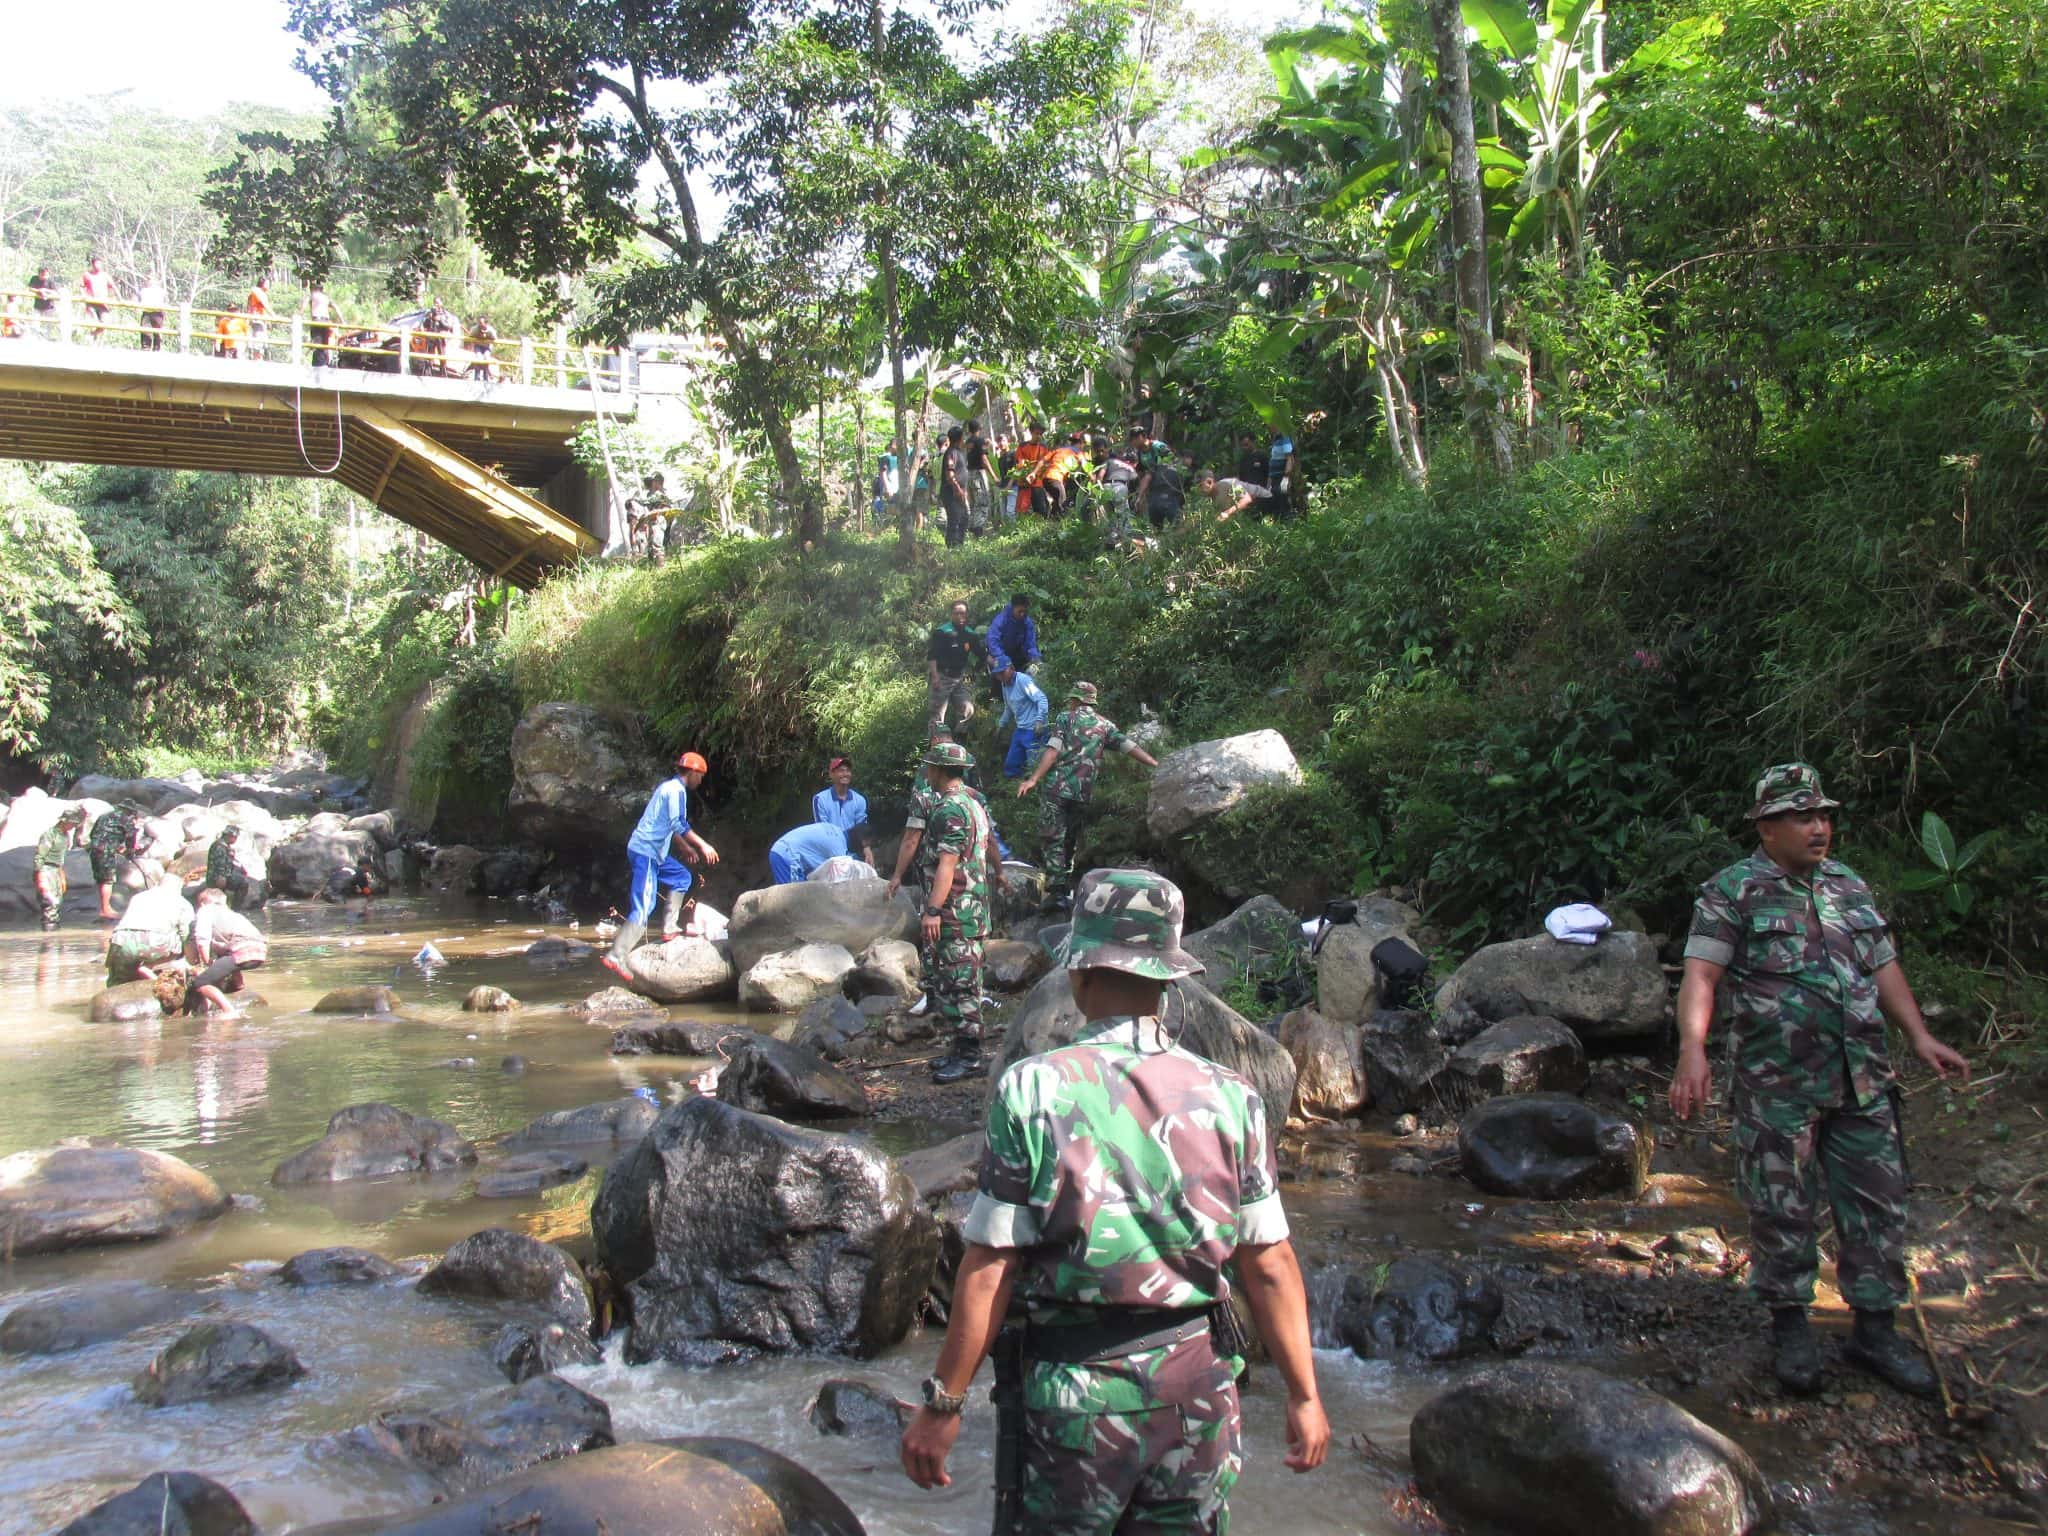 TNI Peduli Kebersihan, Kodim Ajak Warga Bersihkan Sungai Bogowonto